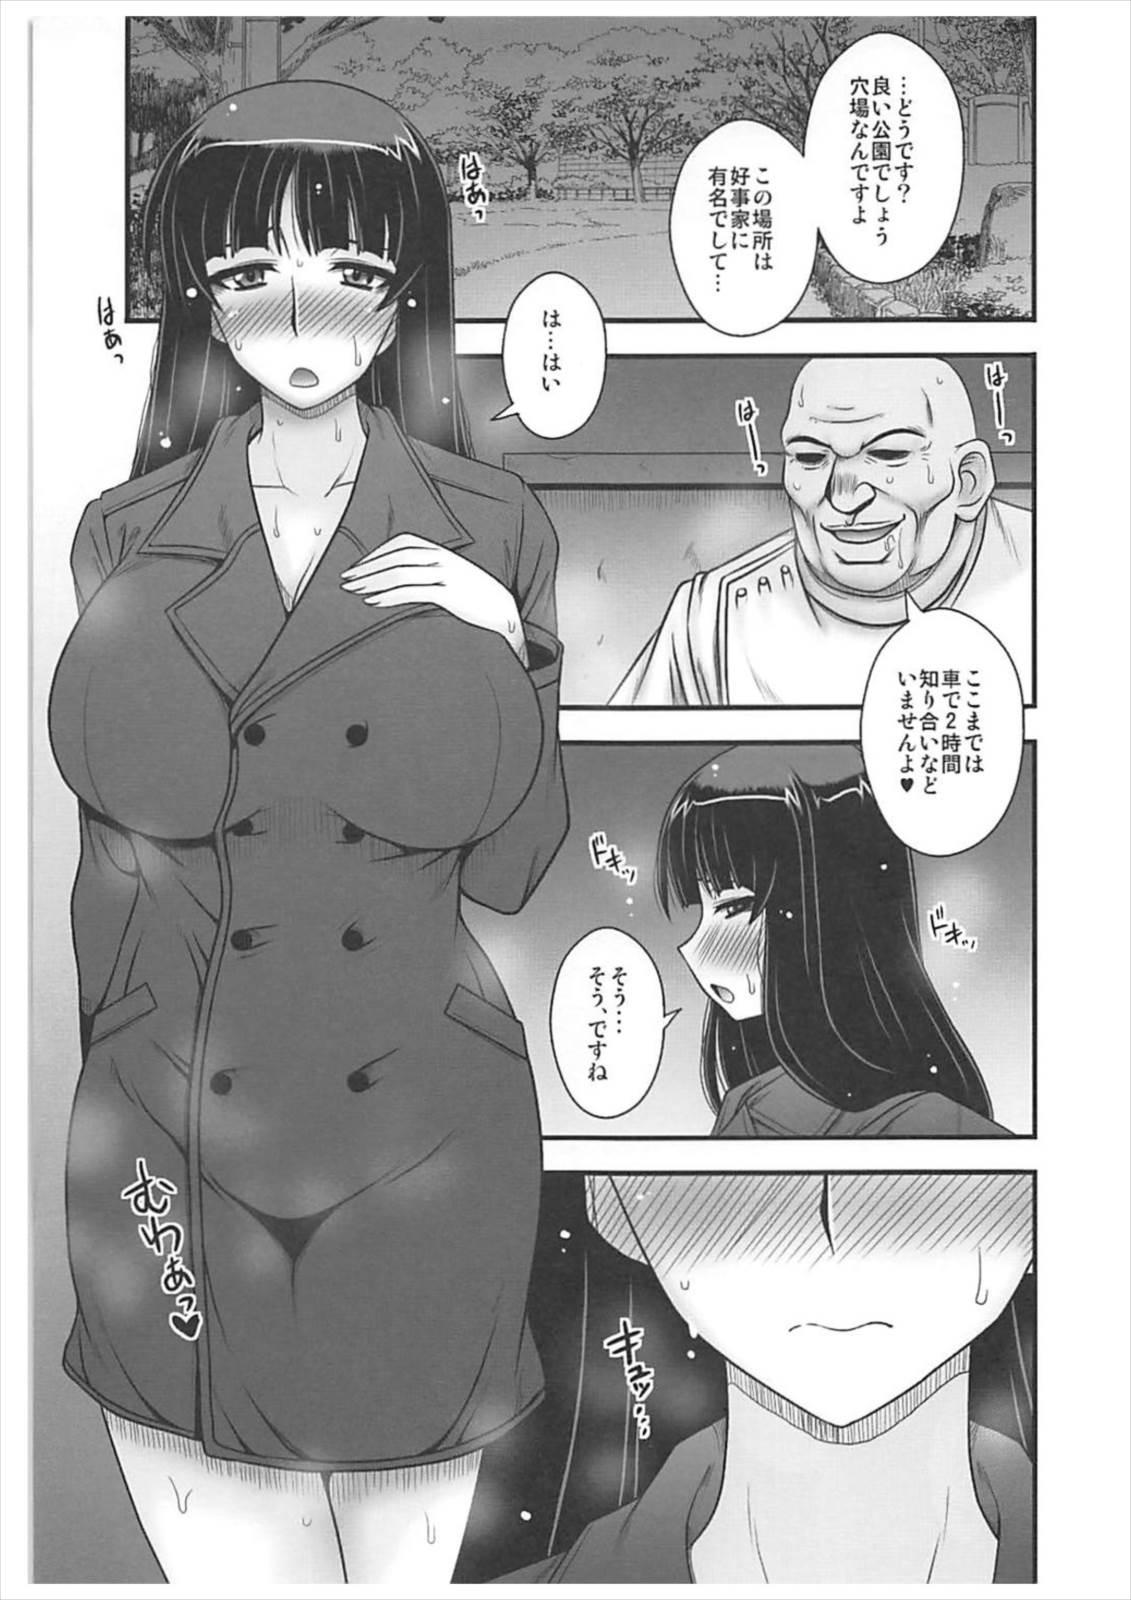 Modae Naku Nishizumi-ryuu Hitozuma Chijoku Shiriana Yagai Choukyou 13